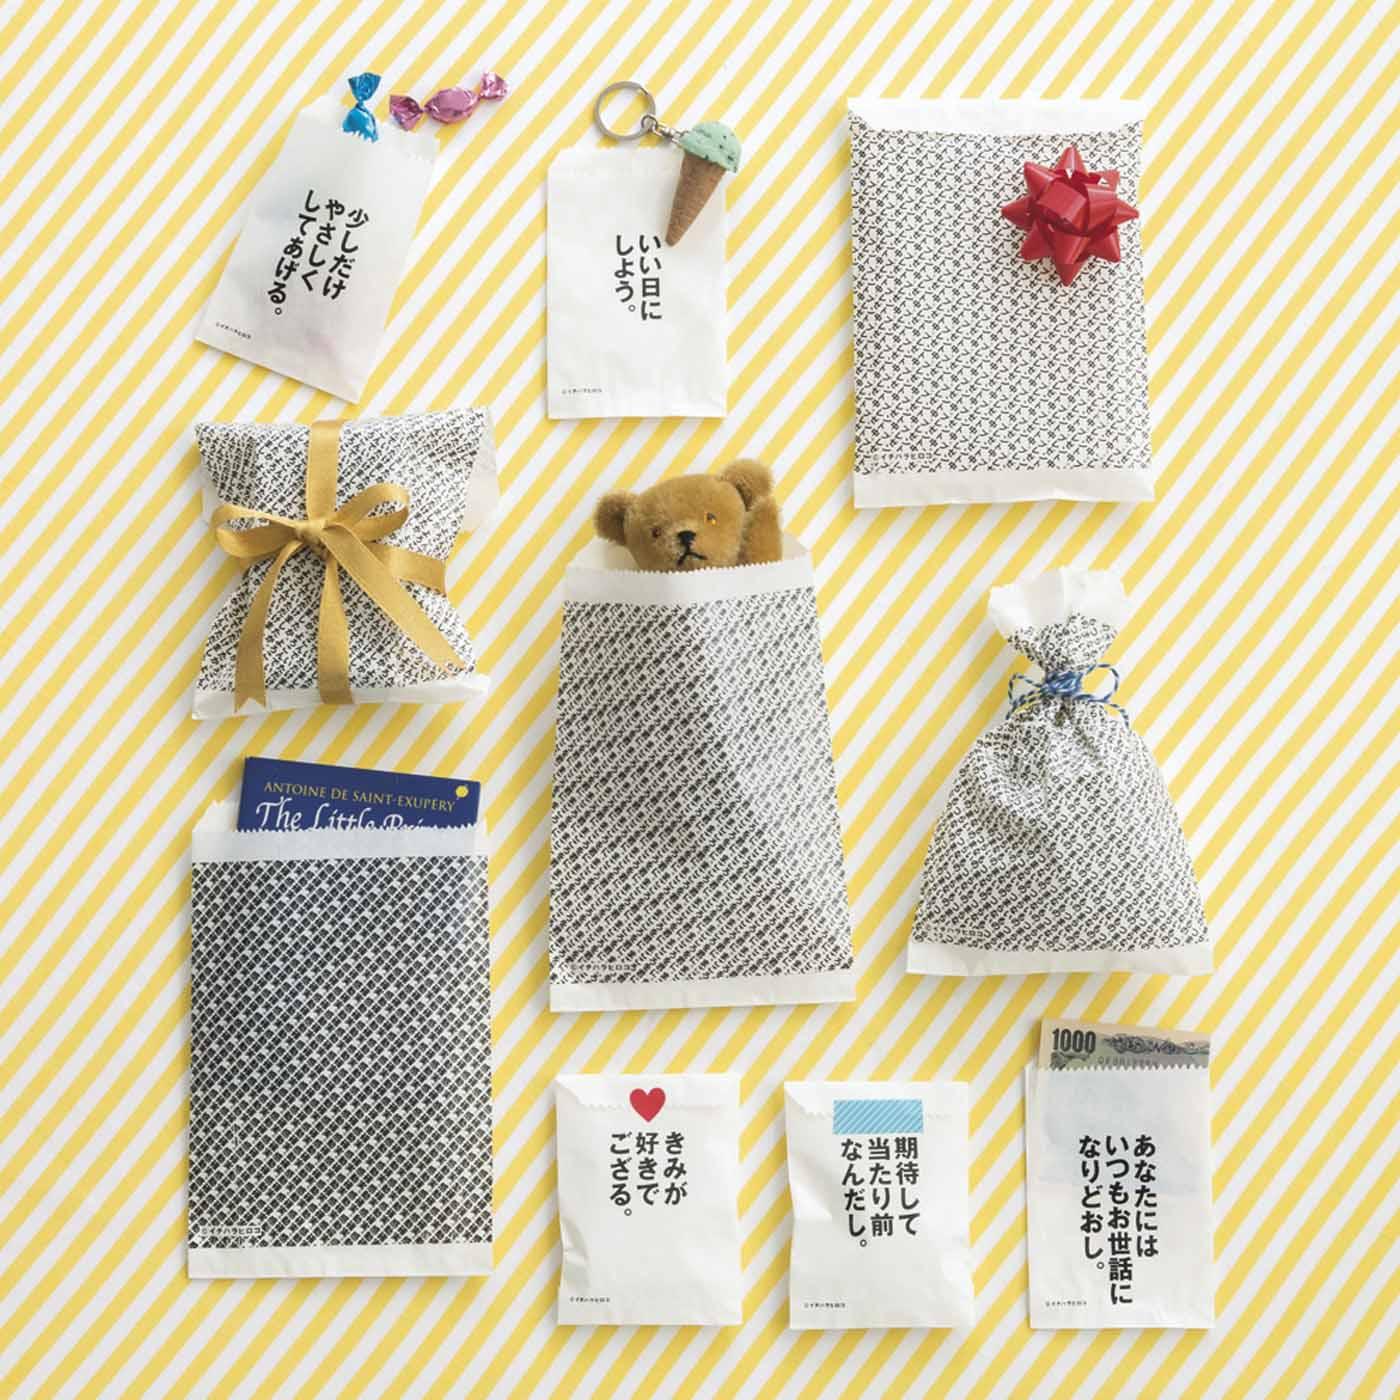 「気持ちを伝えるお手伝い」をコンセプトに、「愛と笑い」をテーマにしたイチハラさんの作品をレイアウトしたおすそわけ袋です。